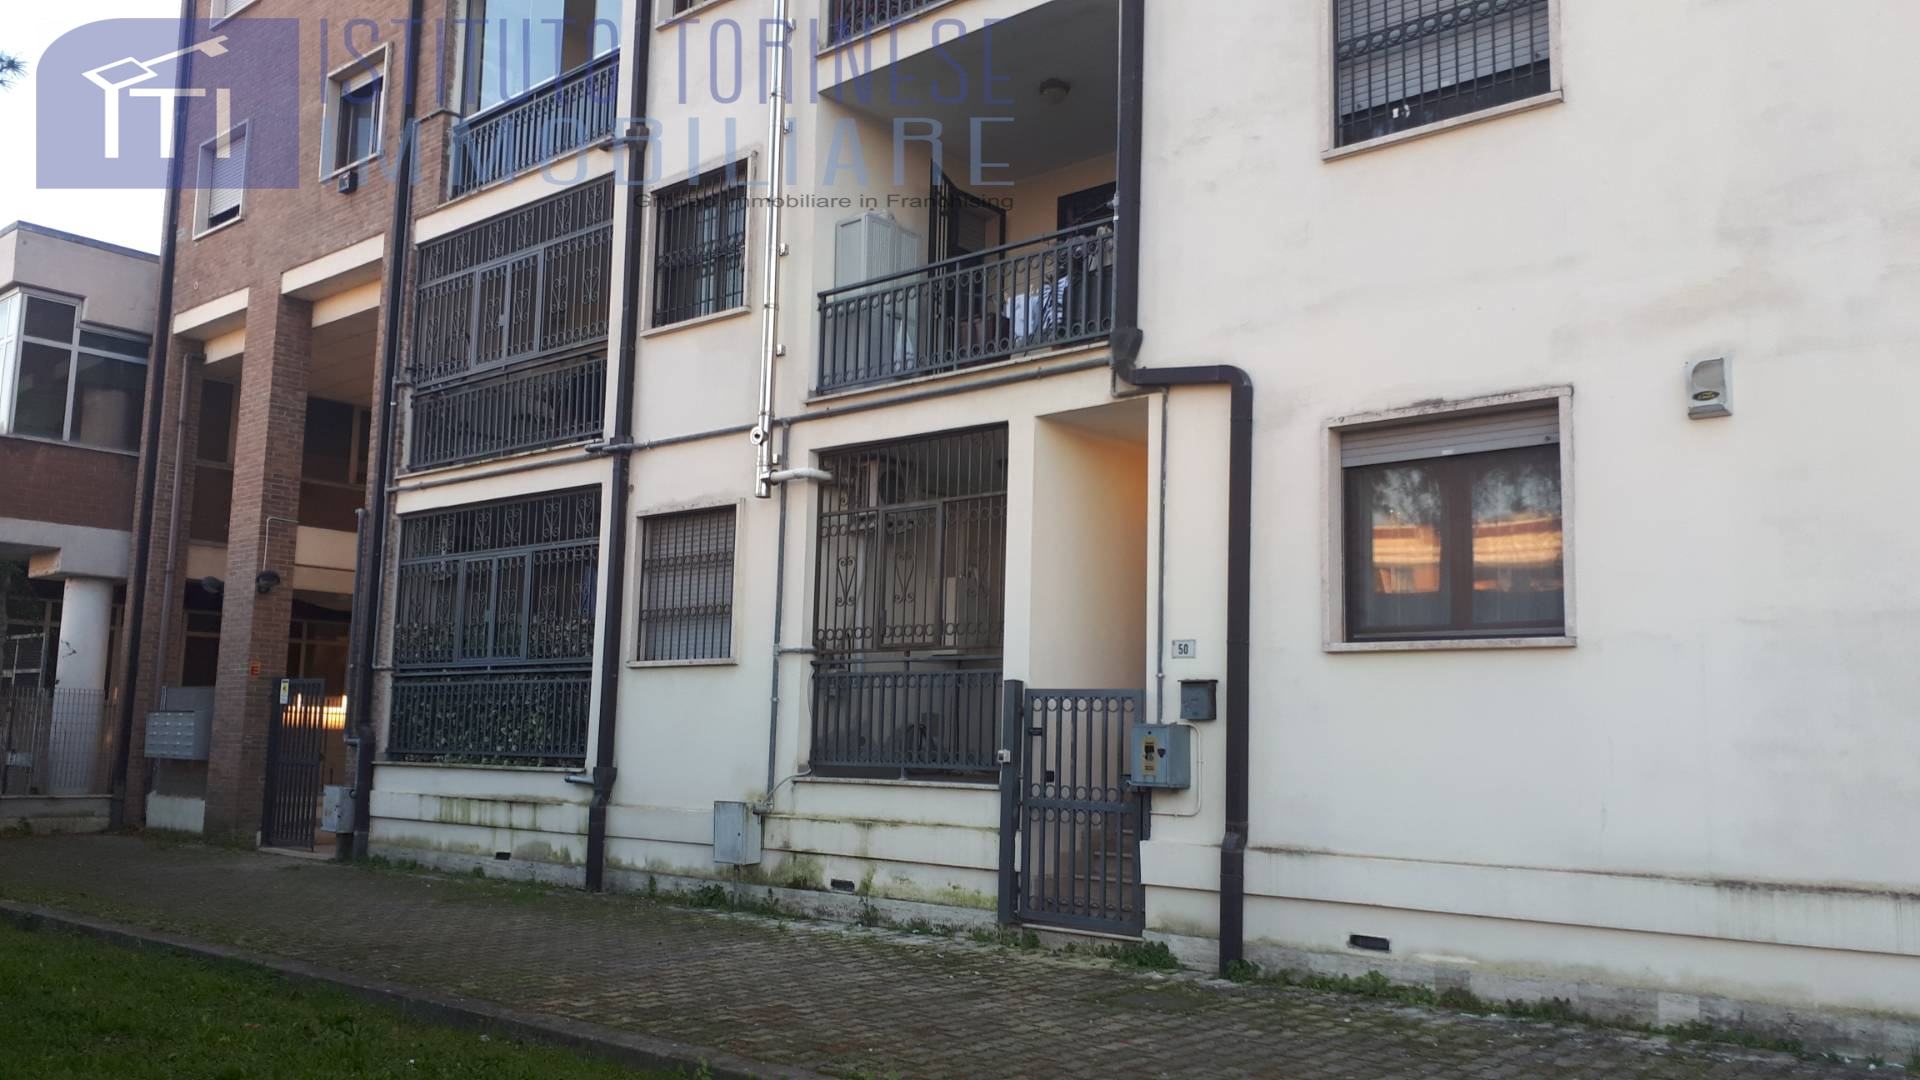 Appartamento in vendita a Latina, 3 locali, zona Zona: Semicentrale, prezzo € 98.000 | CambioCasa.it